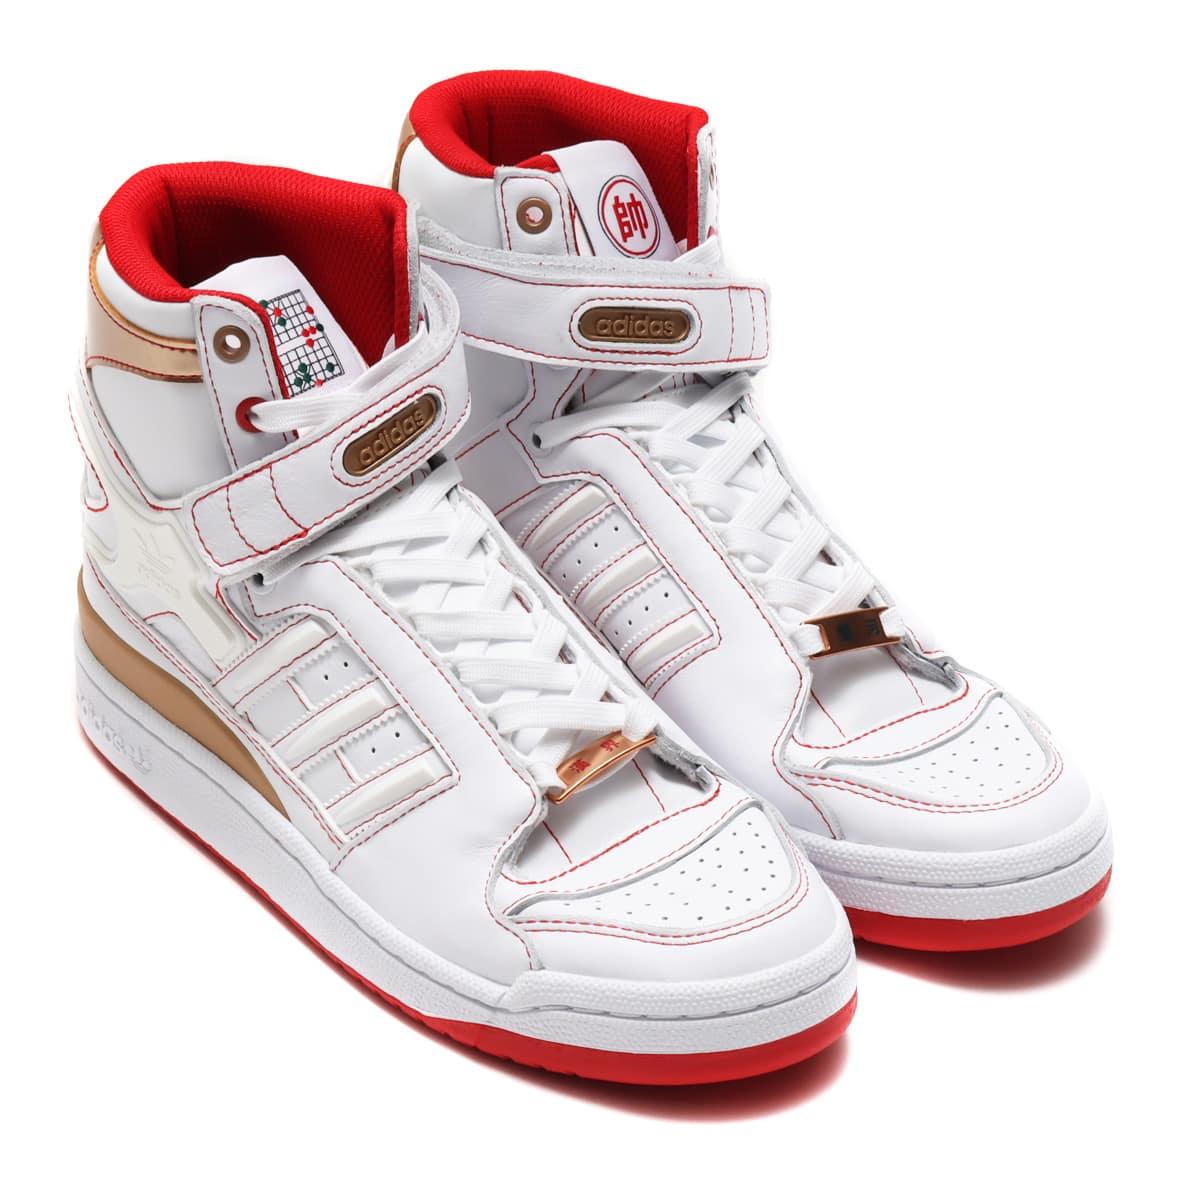 adidas FORUM HI OG FOOTWEAR WHITE/FOOTWEAR WHITE/SCARLET 20FW-S_photo_large